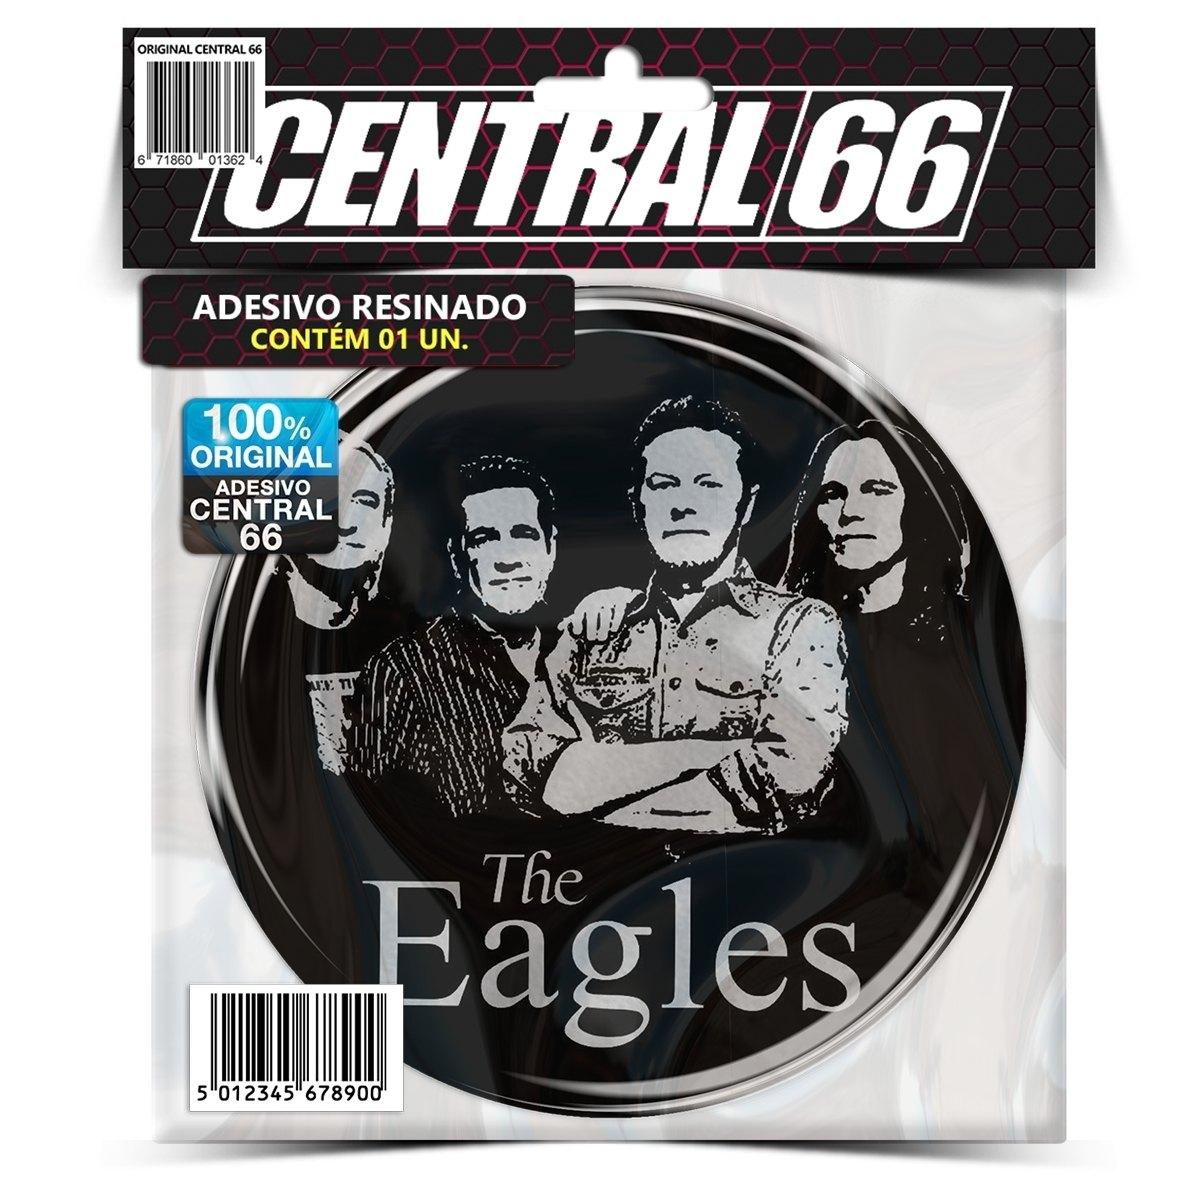 Adesivo Redondo The Eagles – Central 66